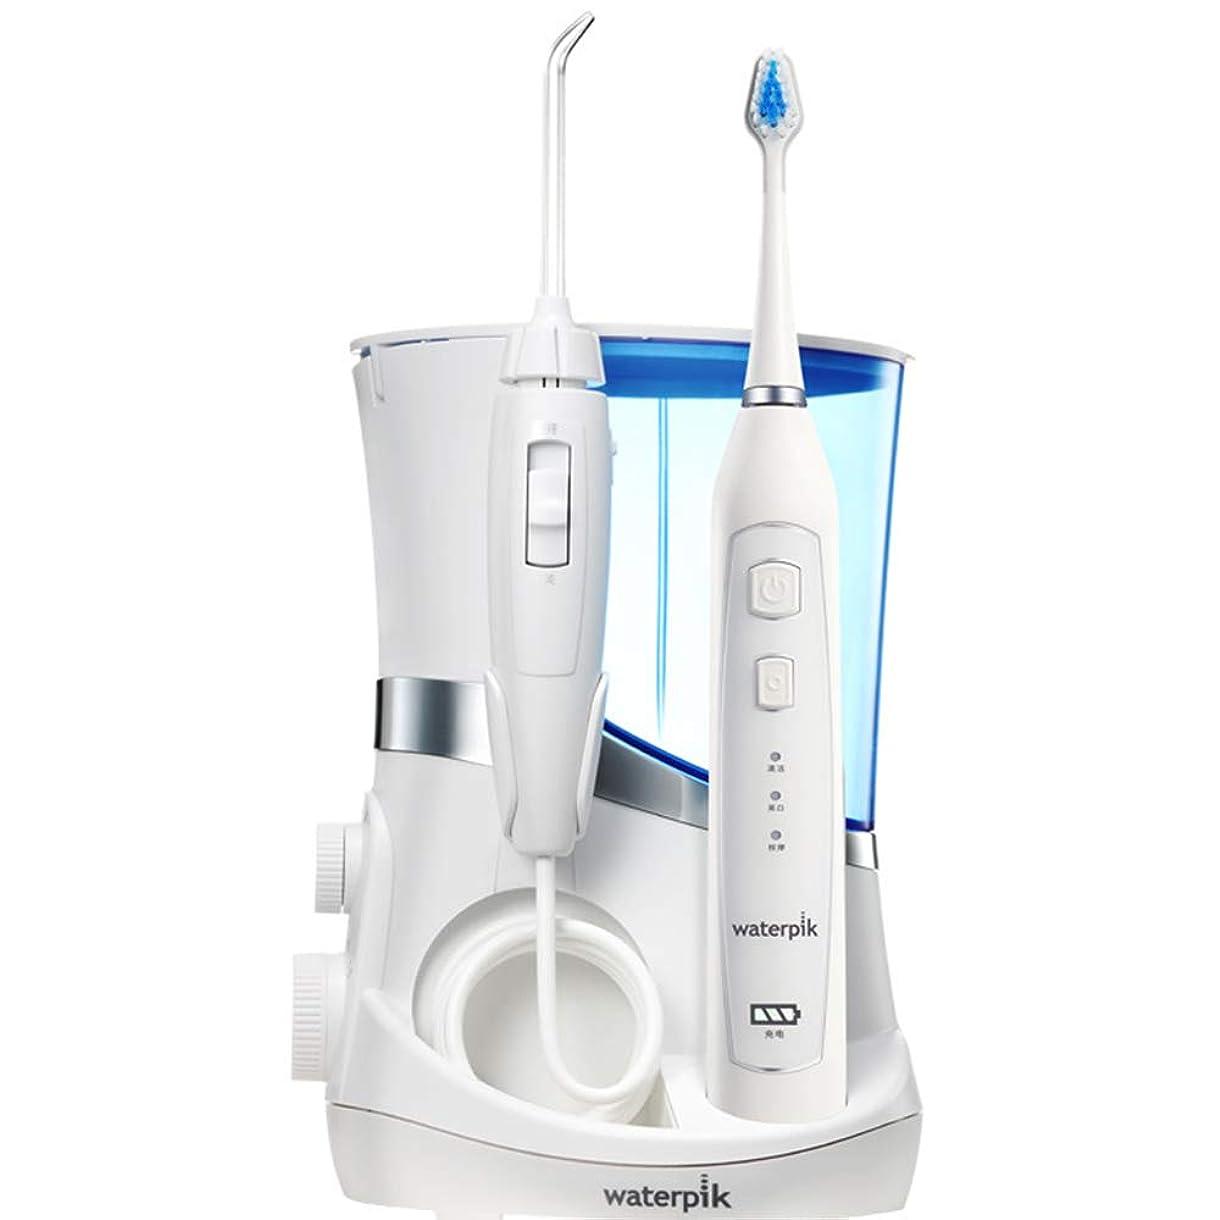 講堂専門記者多機能洗浄歯ペンシート機タイプ歯科用洗濯機 - 360°バリアフリーオーラルクリーニング包括的な防水 - 美しさの人々が自分の歯を明るく保つのに適しています